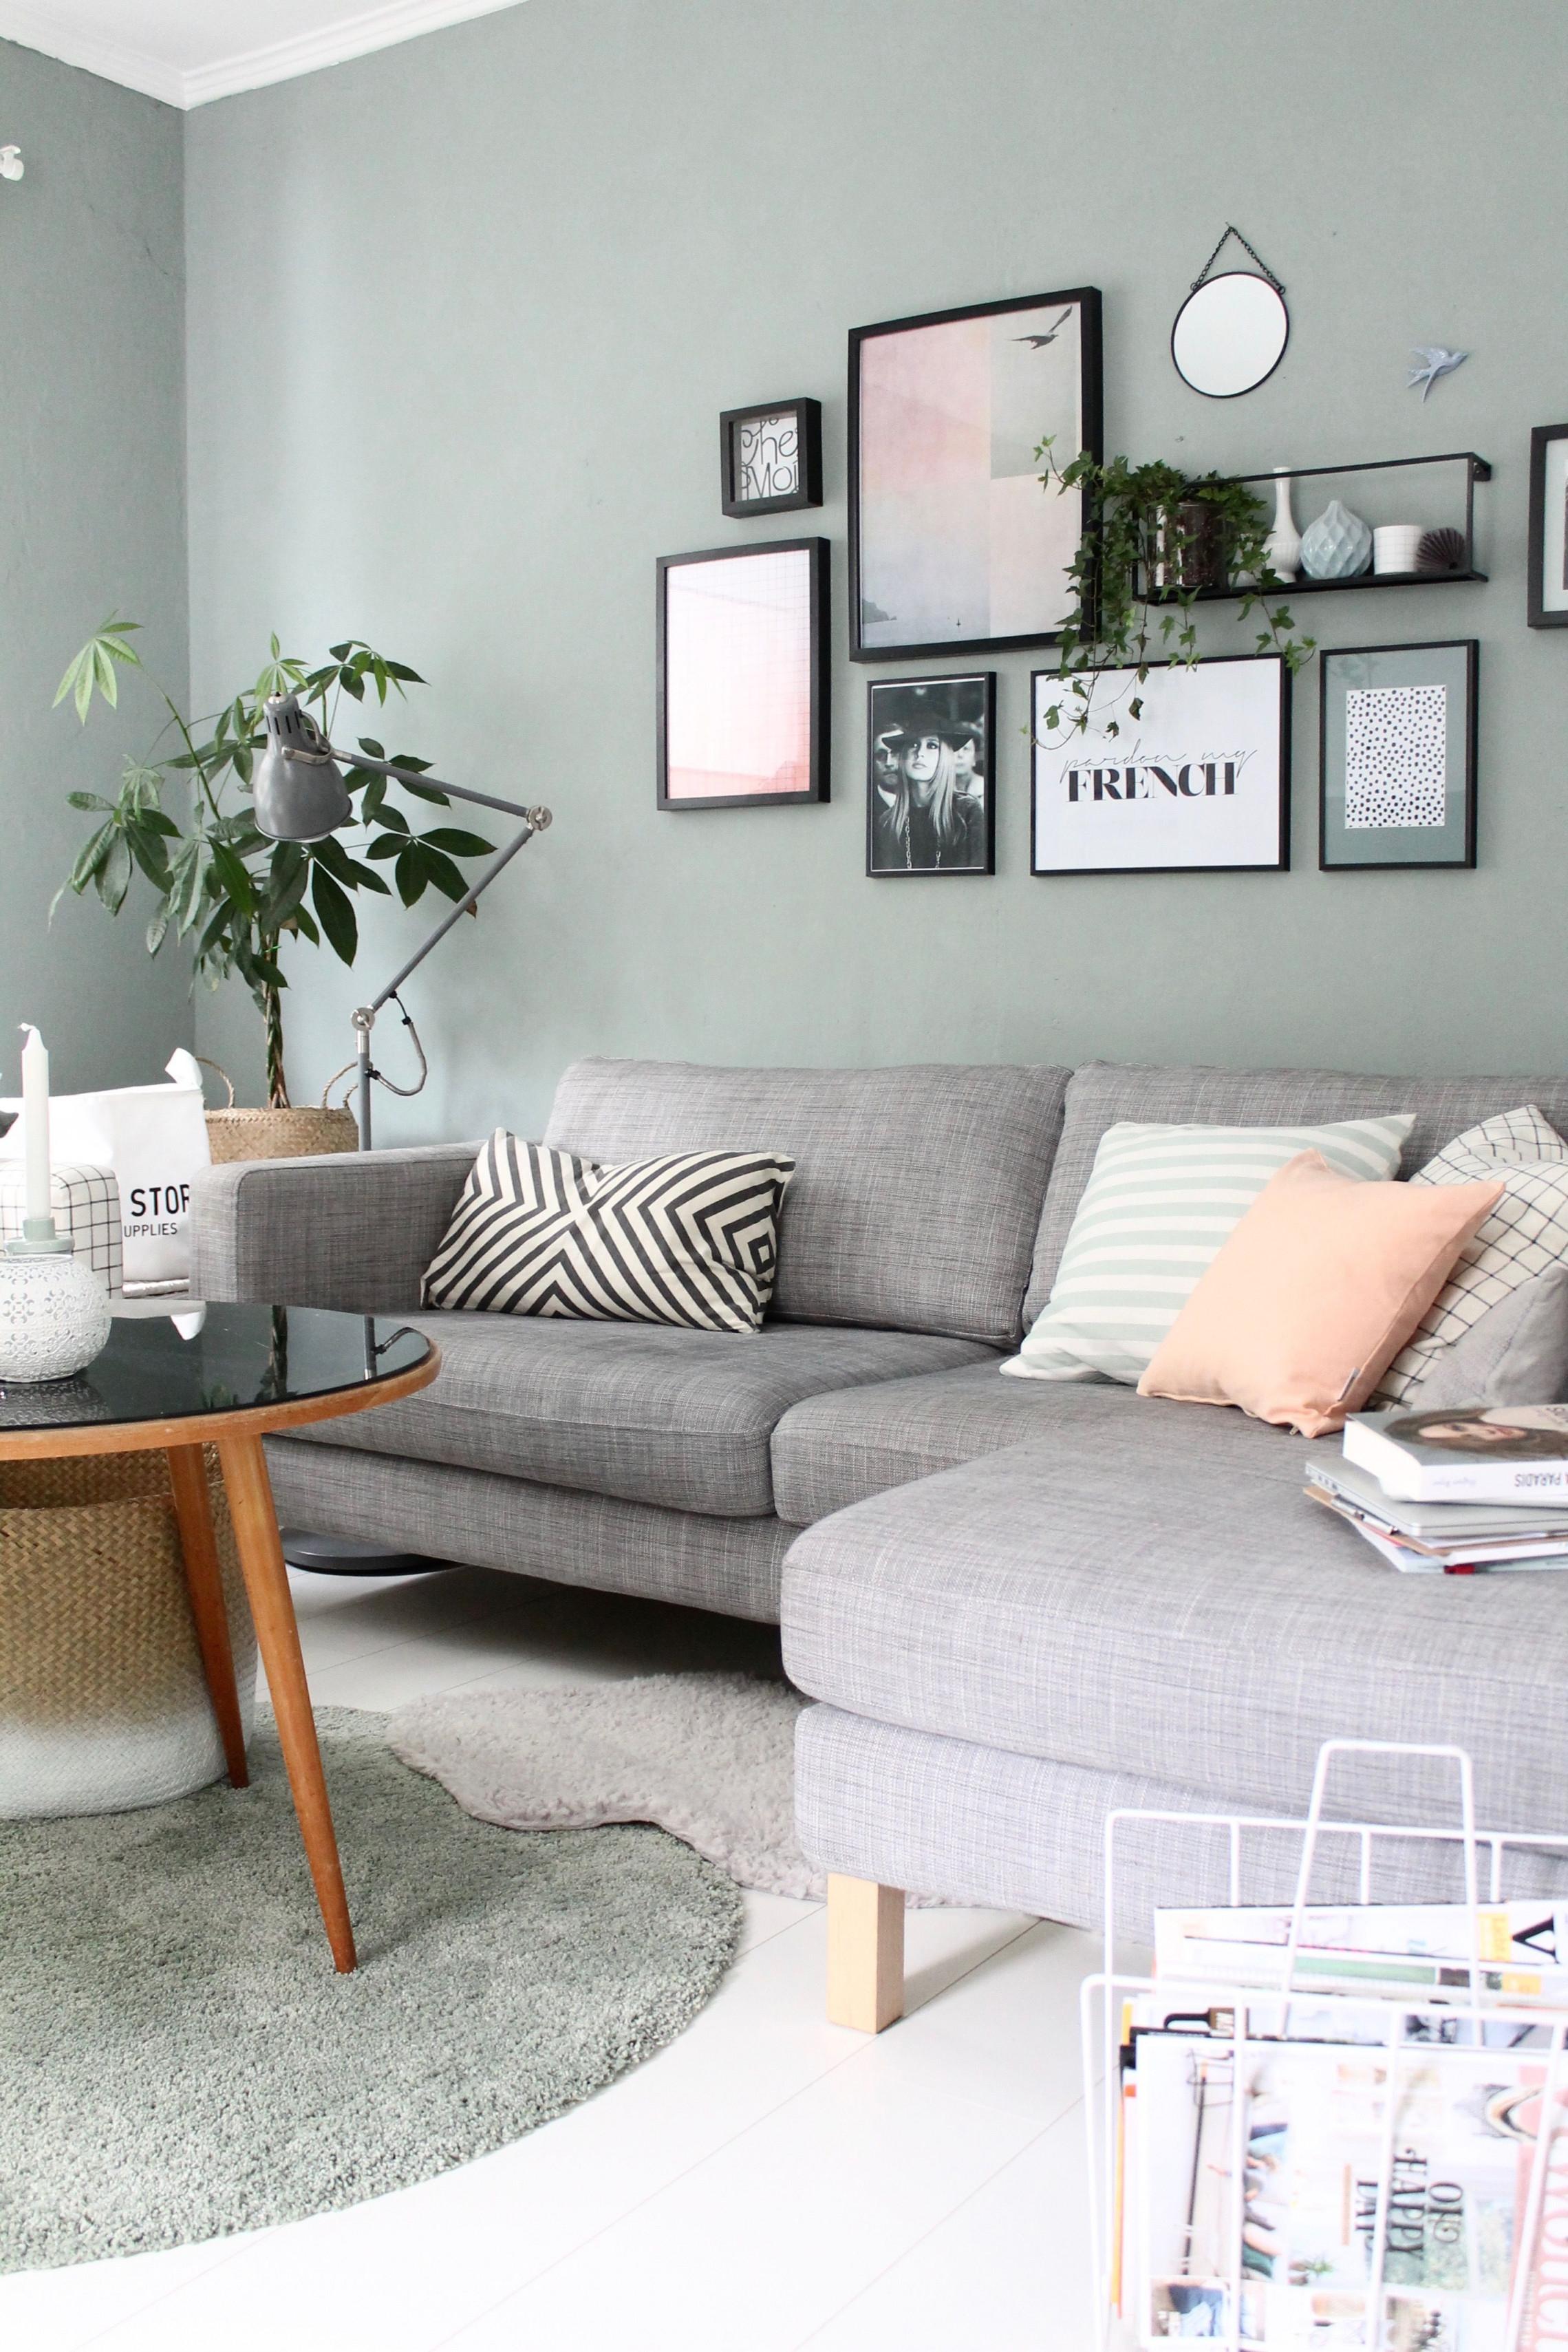 Eine Sanfte Wandfarbe Im Wohnzimmer Wwwkolorat Kolorat von Wohnzimmer Wandfarbe Ideen Bild